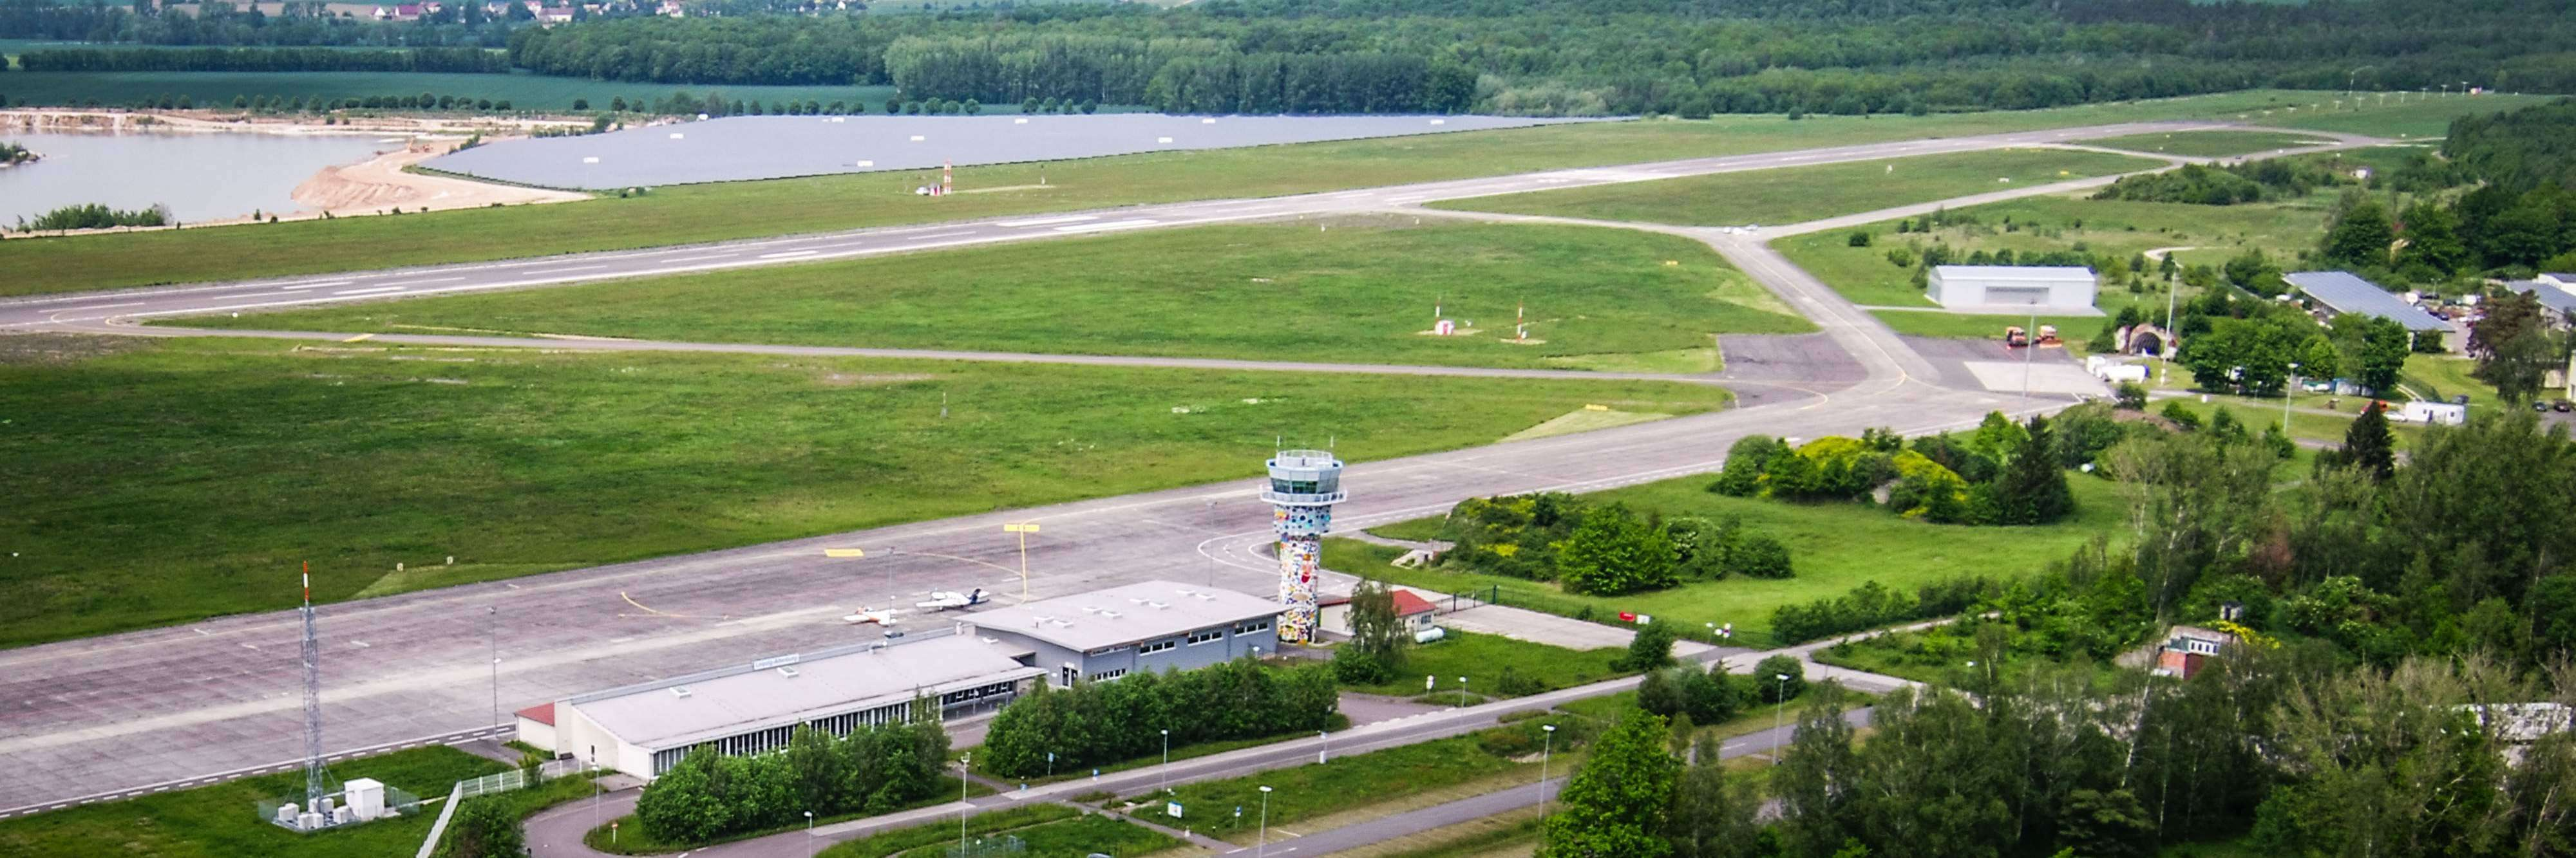 altenburg-drone-airclip-3x1.jpg